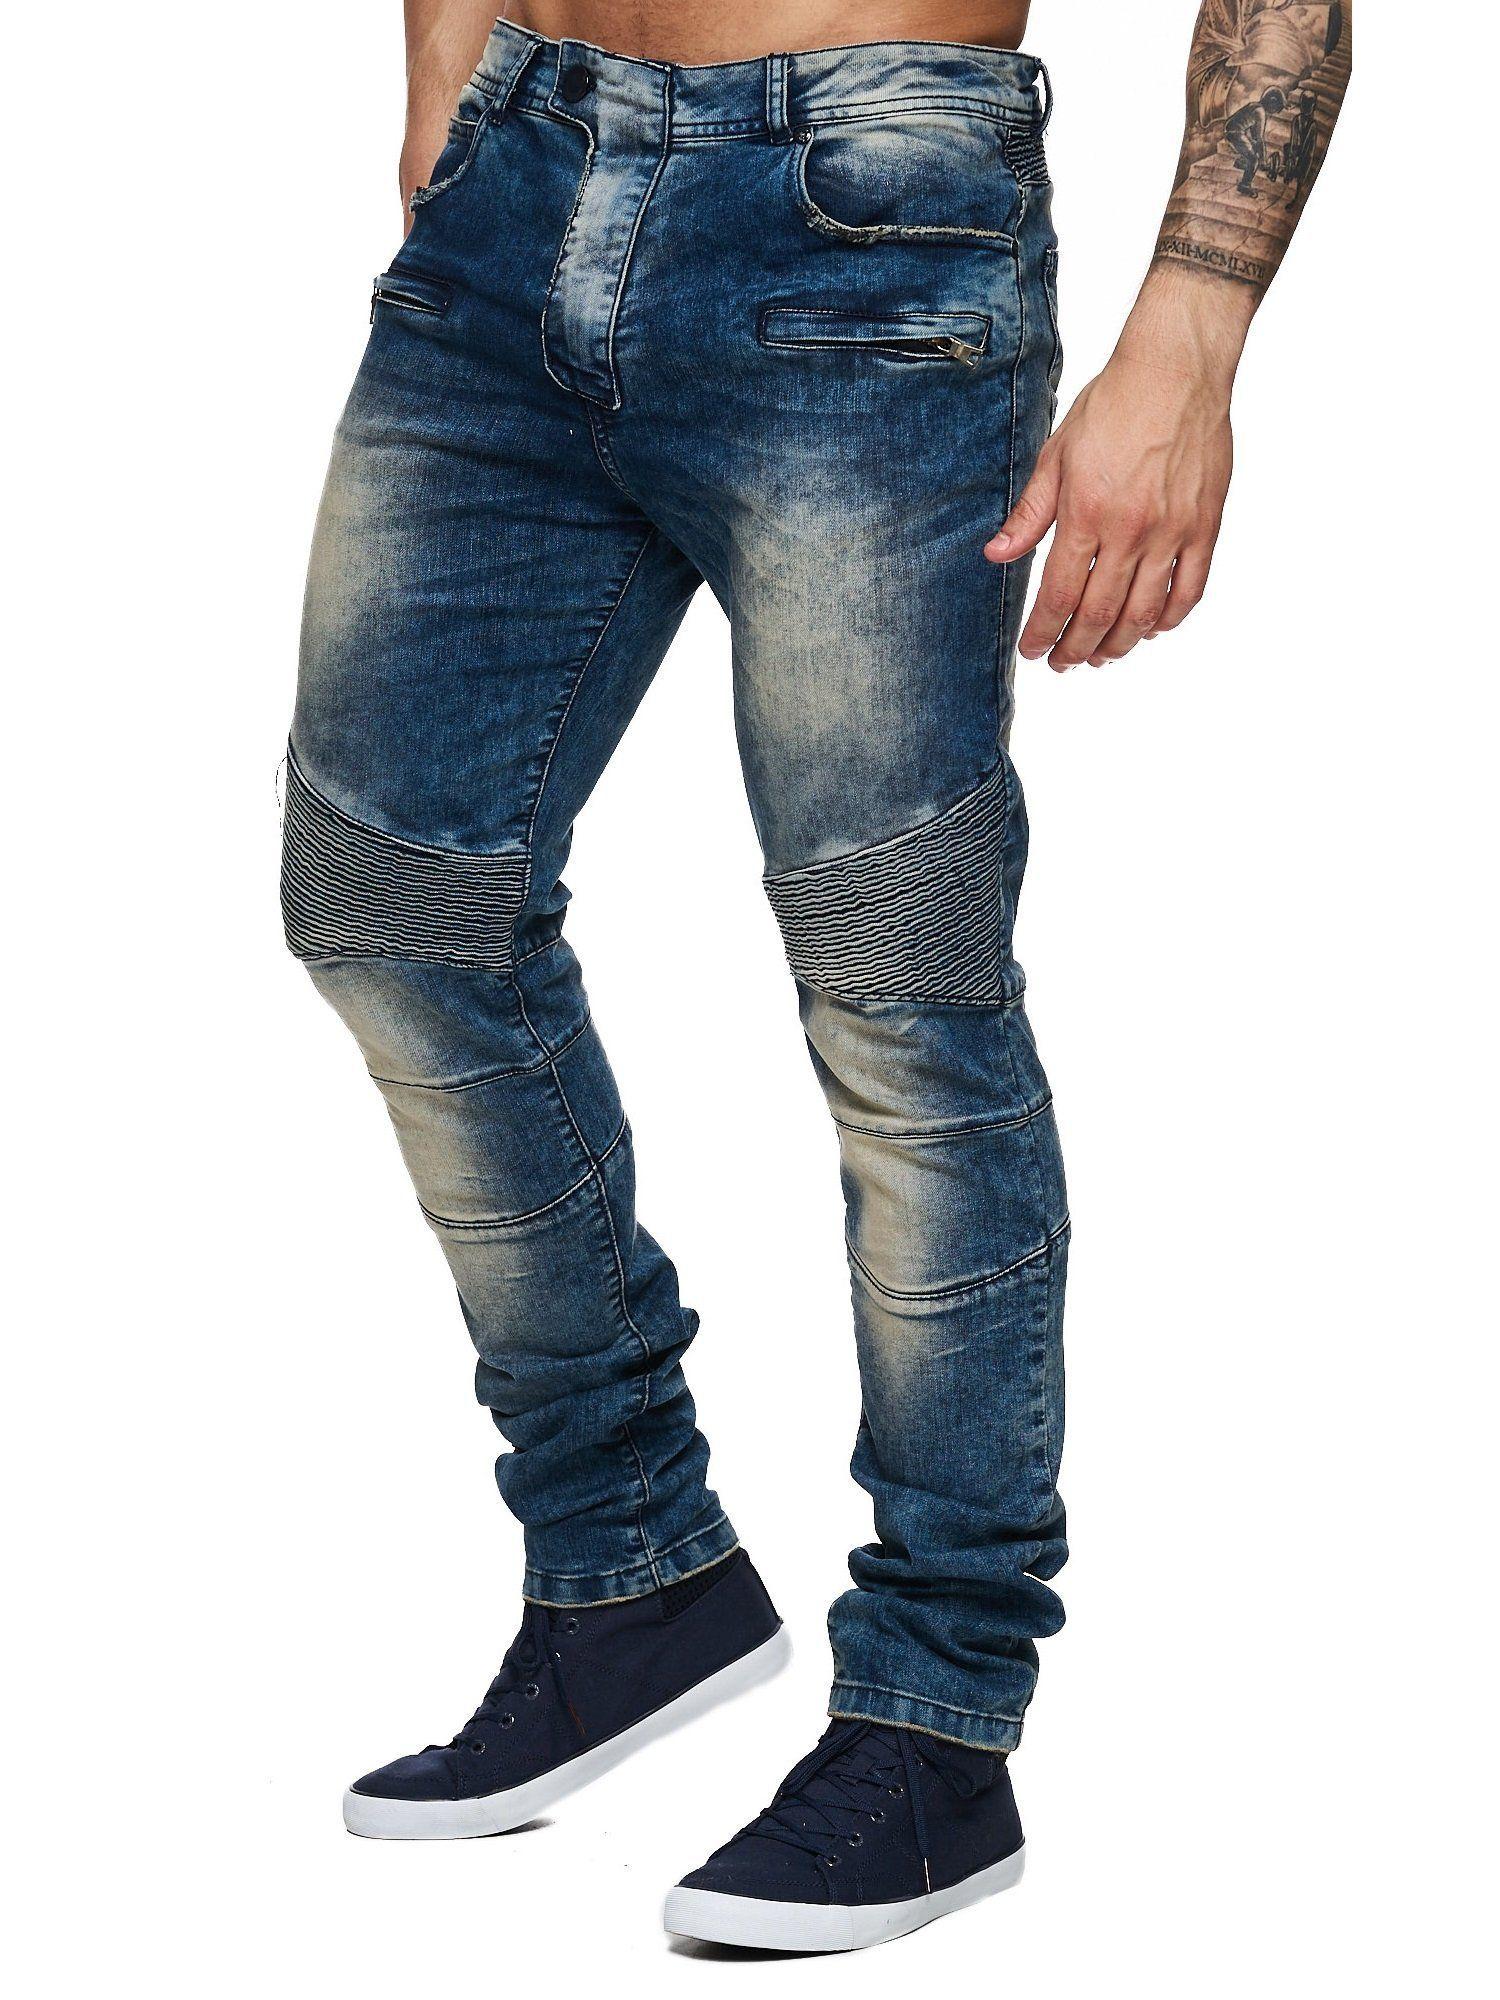 f17b96f806 Bullhead Denim Co. Medium Moto Stacked Skinny Jeans  64.95